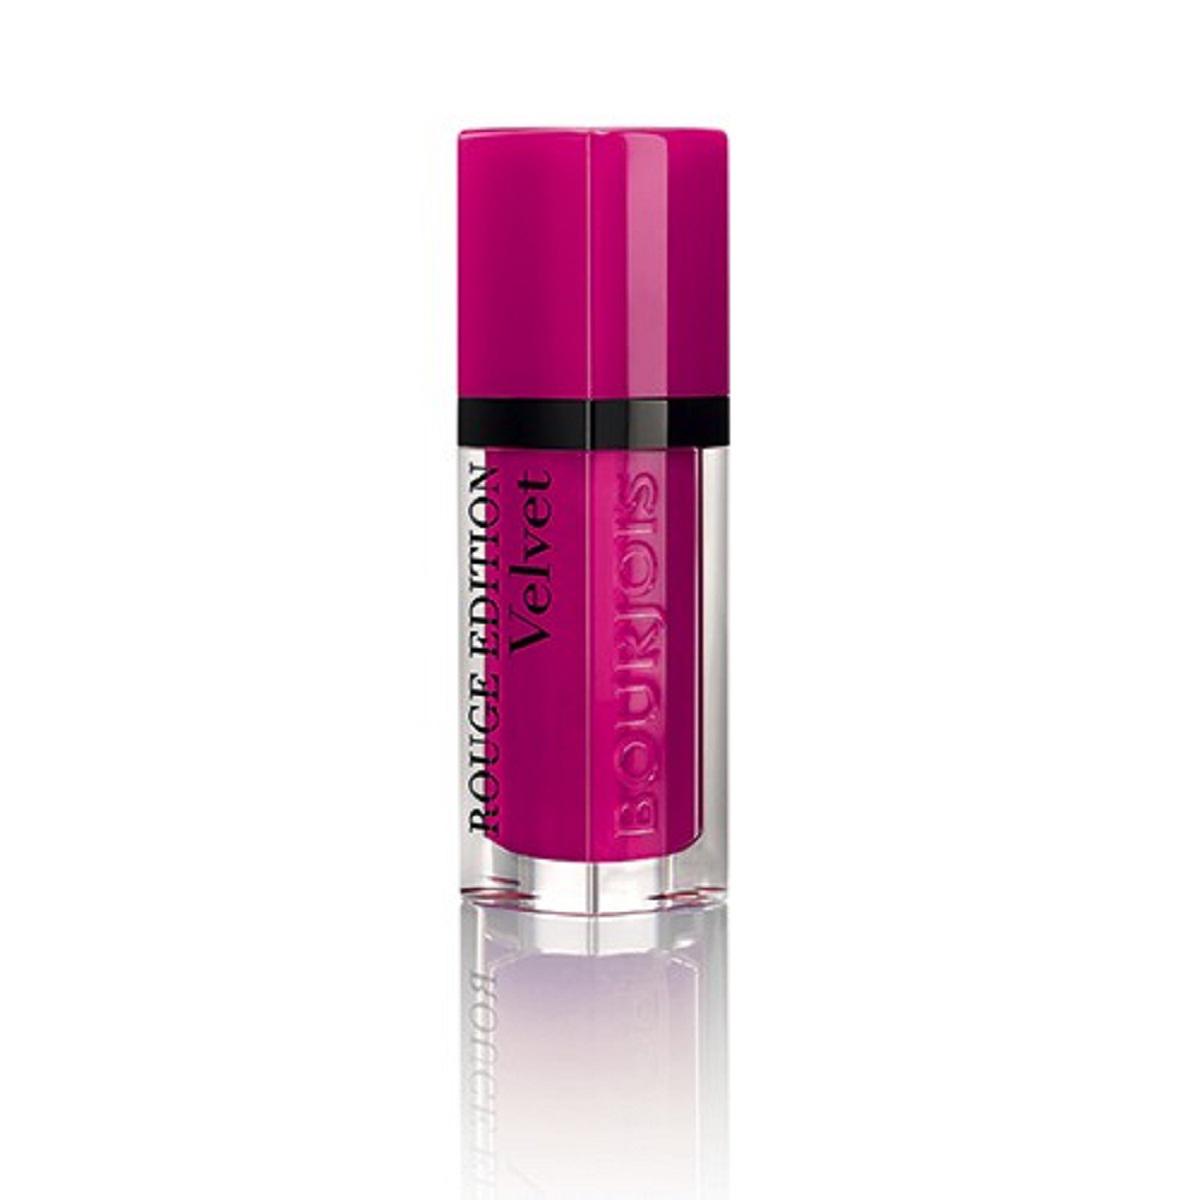 Bourjois Rouge Edition Velvet Бархатный флюид для губ тон 06 6,7 мл29101273006Бархатная воздушная текстура не ощущается на губах Матовая текстура долго держится на губах и имеет насыщенный цвет благодаря чистому пигменту